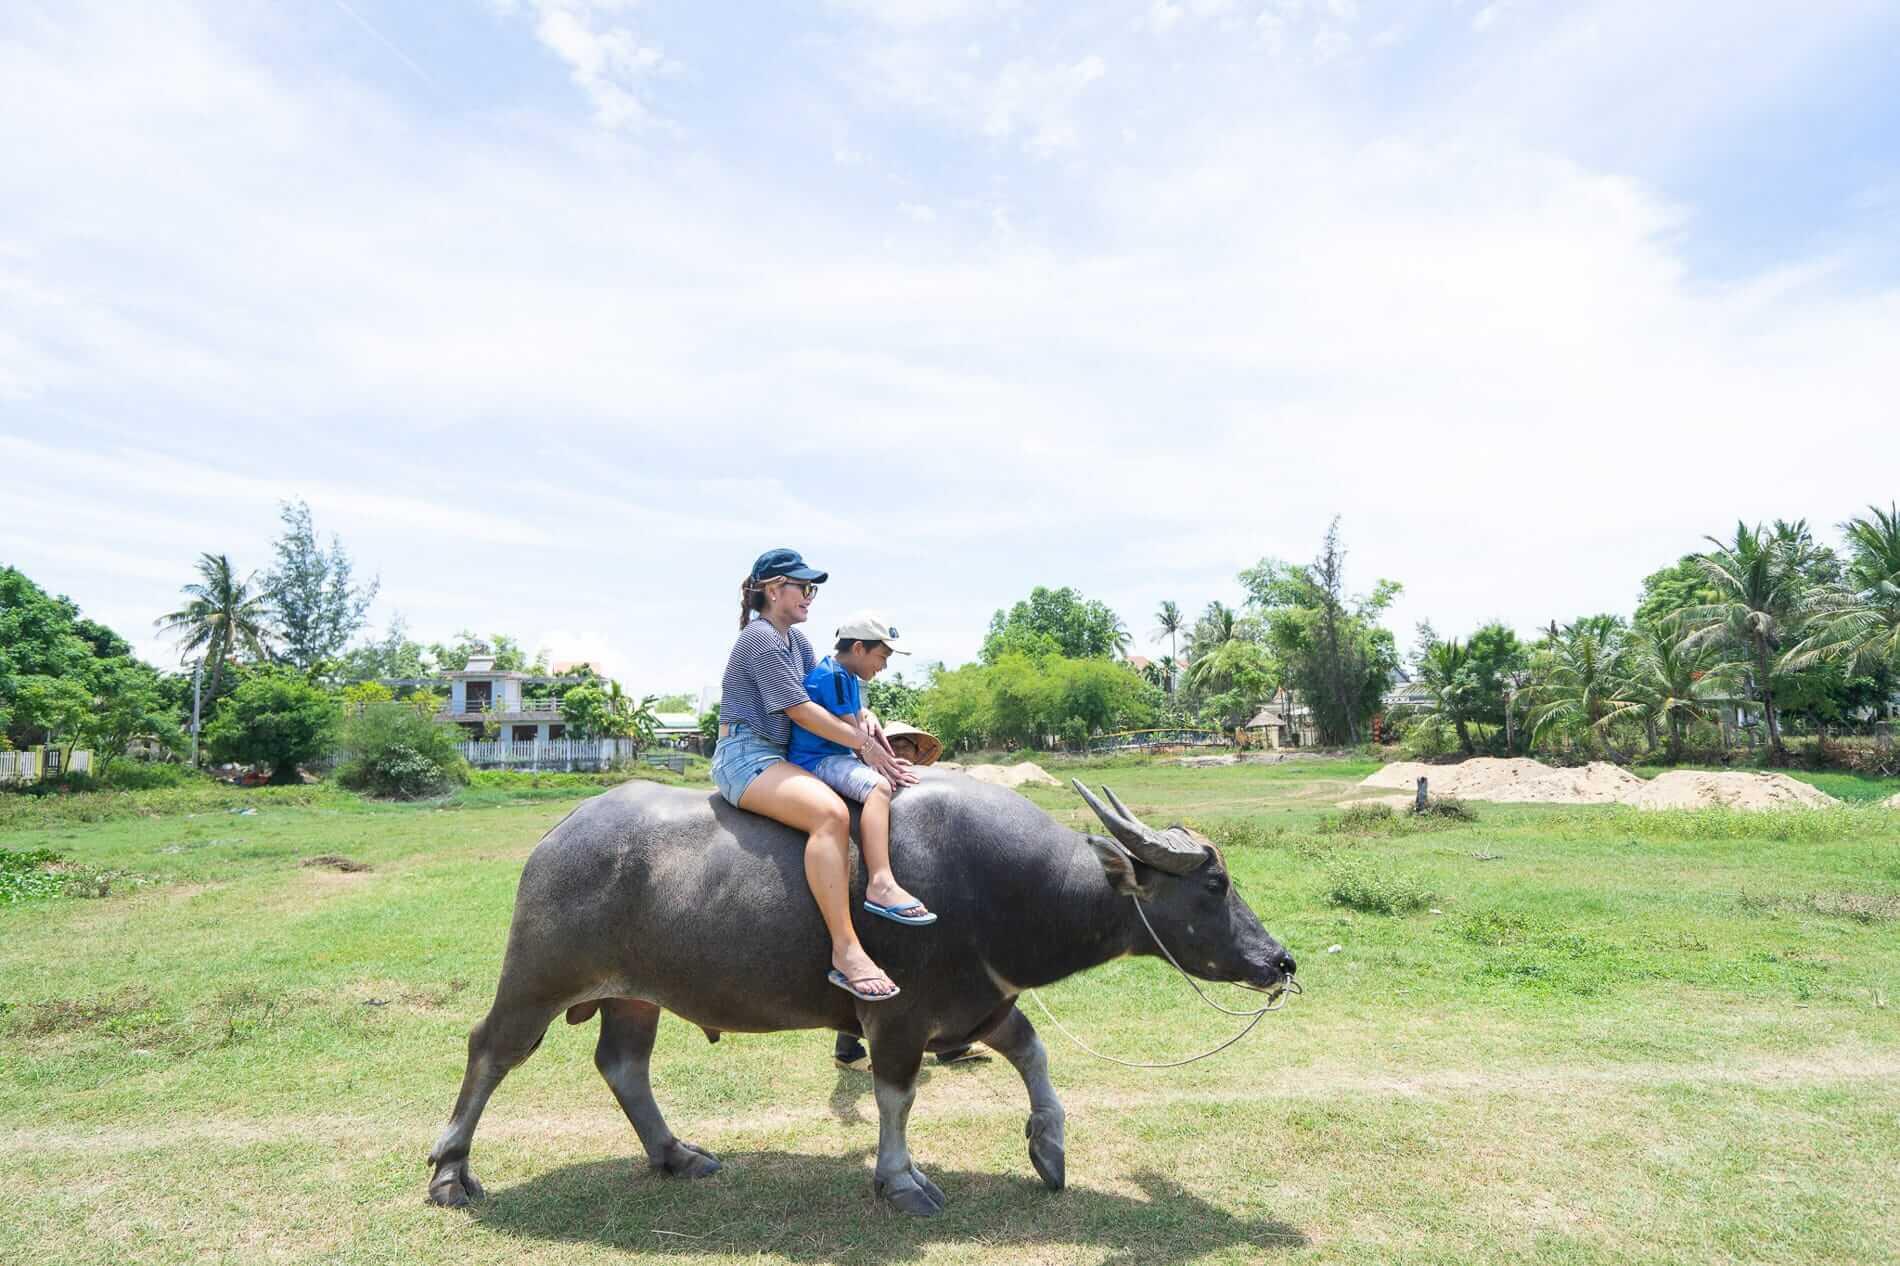 Buffalo ride at Tra Que Village